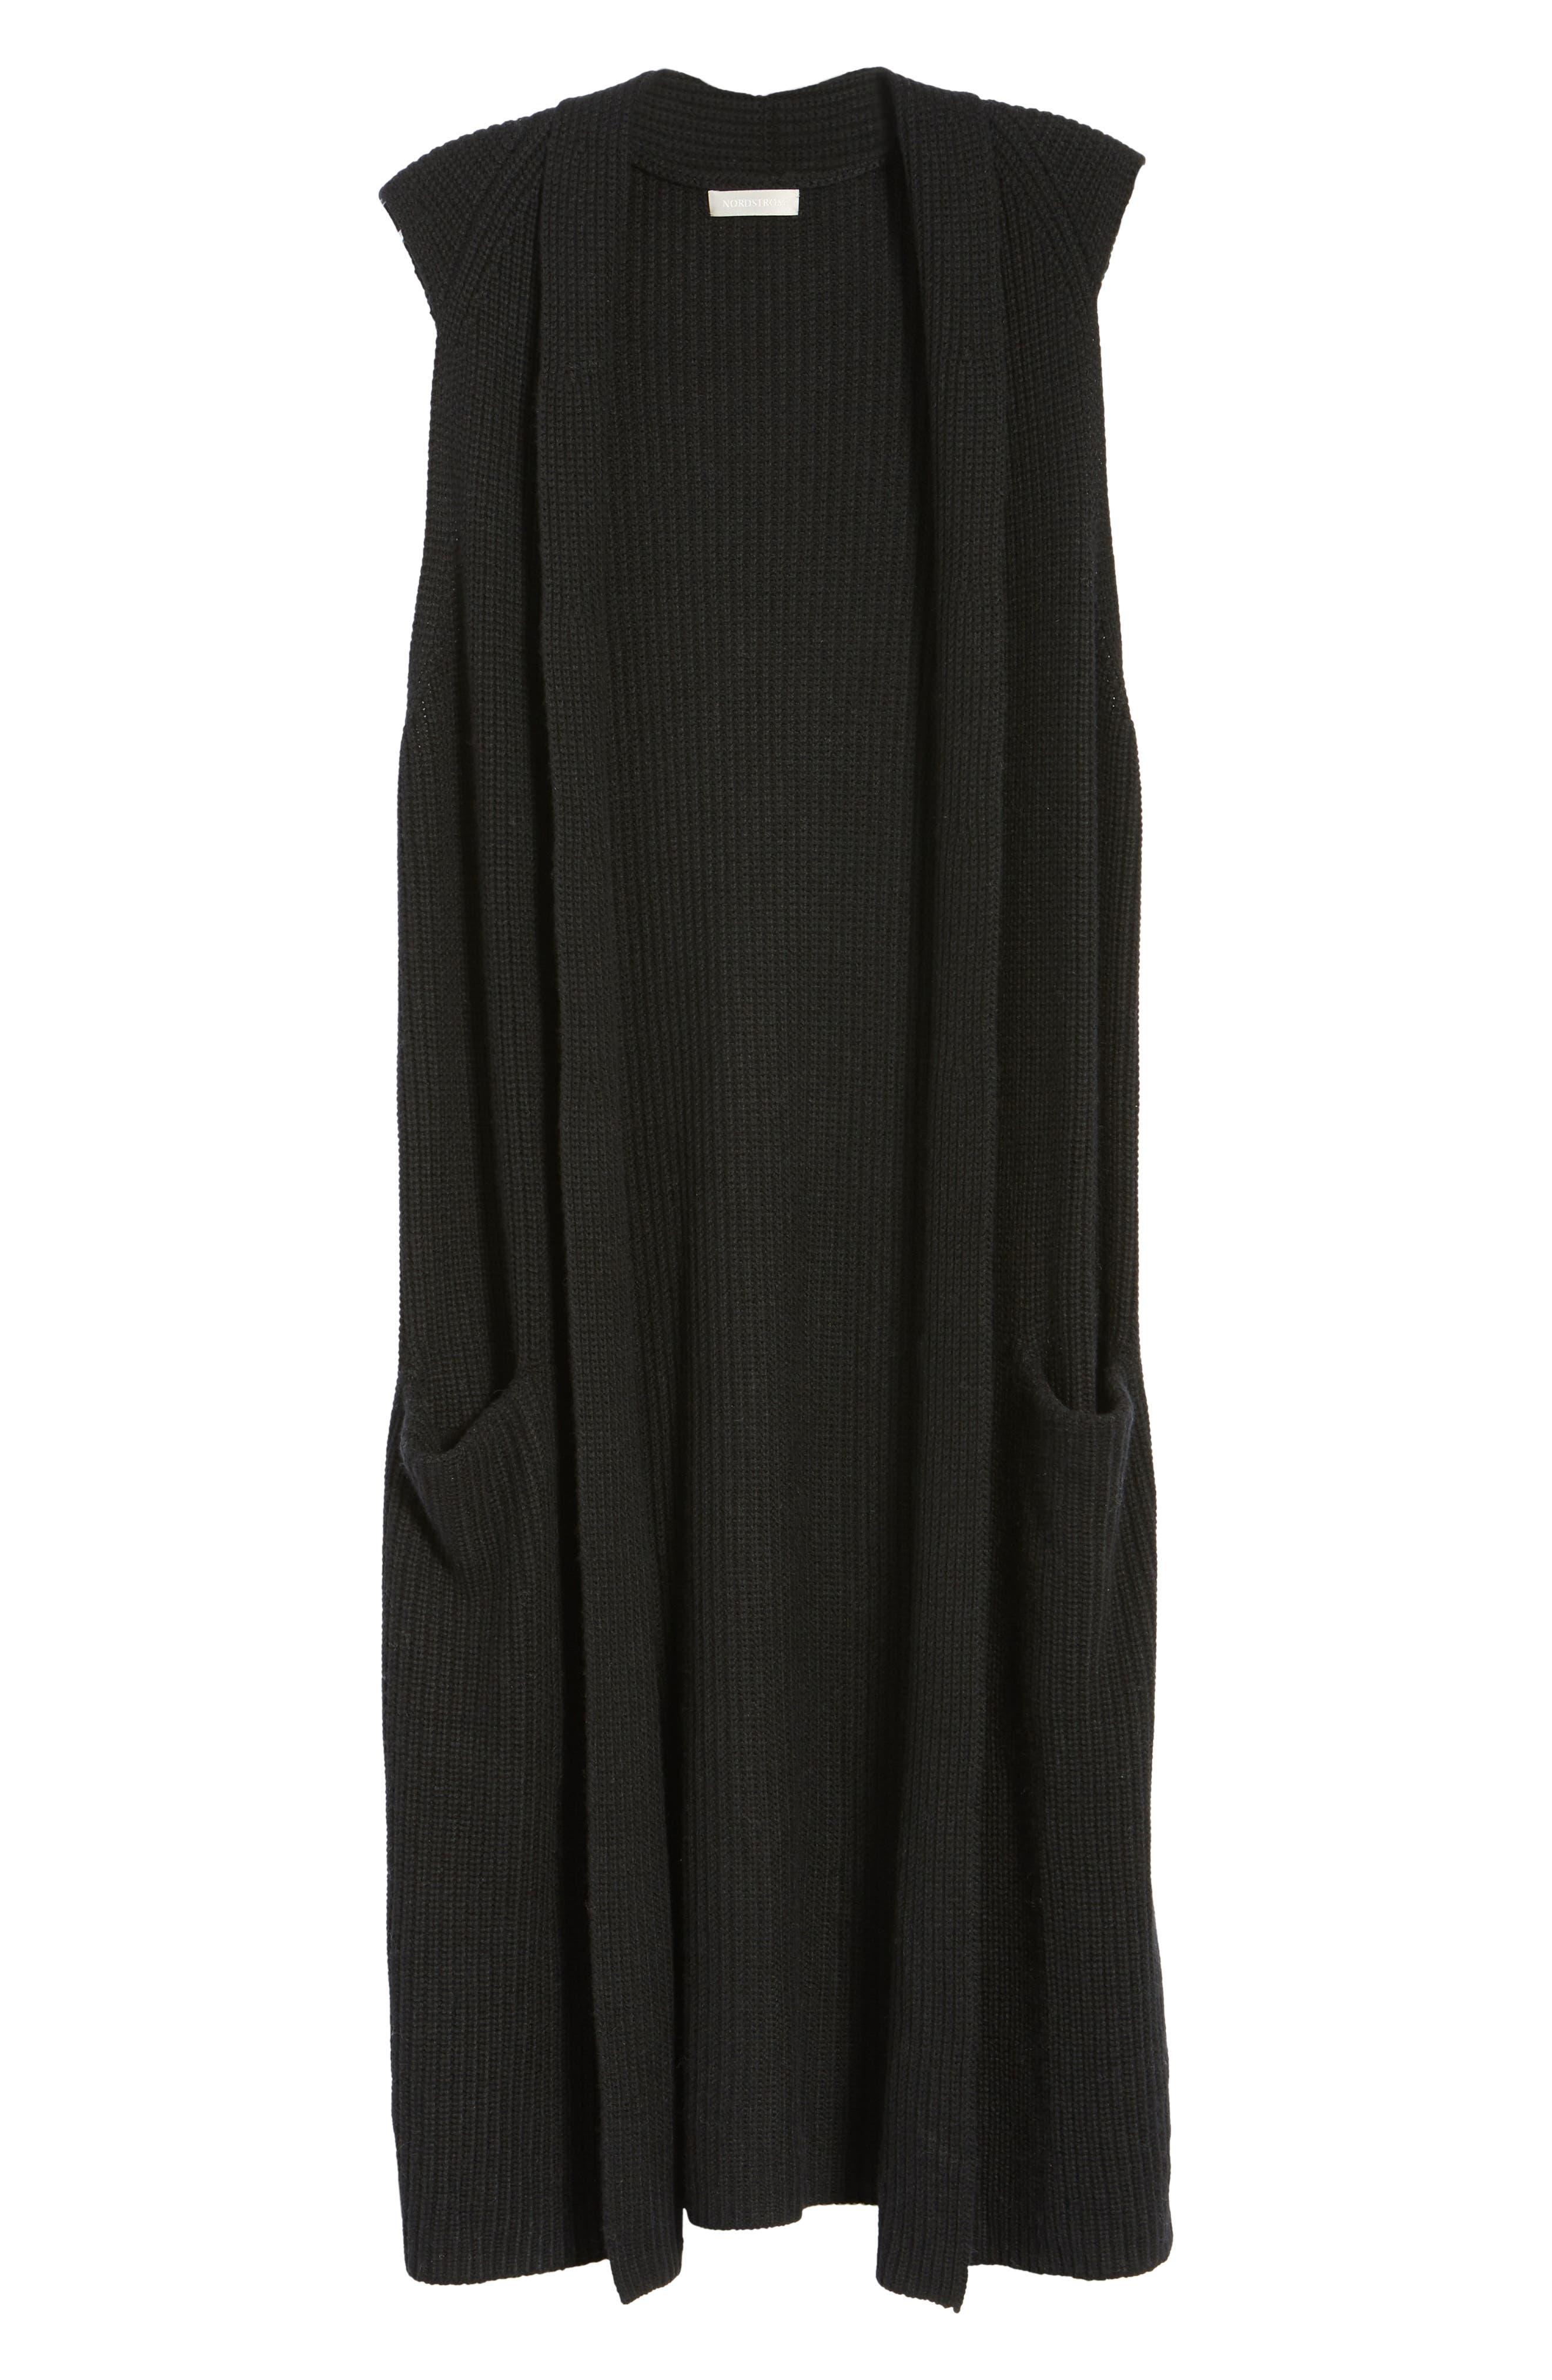 HALOGEN<SUP>®</SUP>,                             Long Knit Vest,                             Alternate thumbnail 6, color,                             001